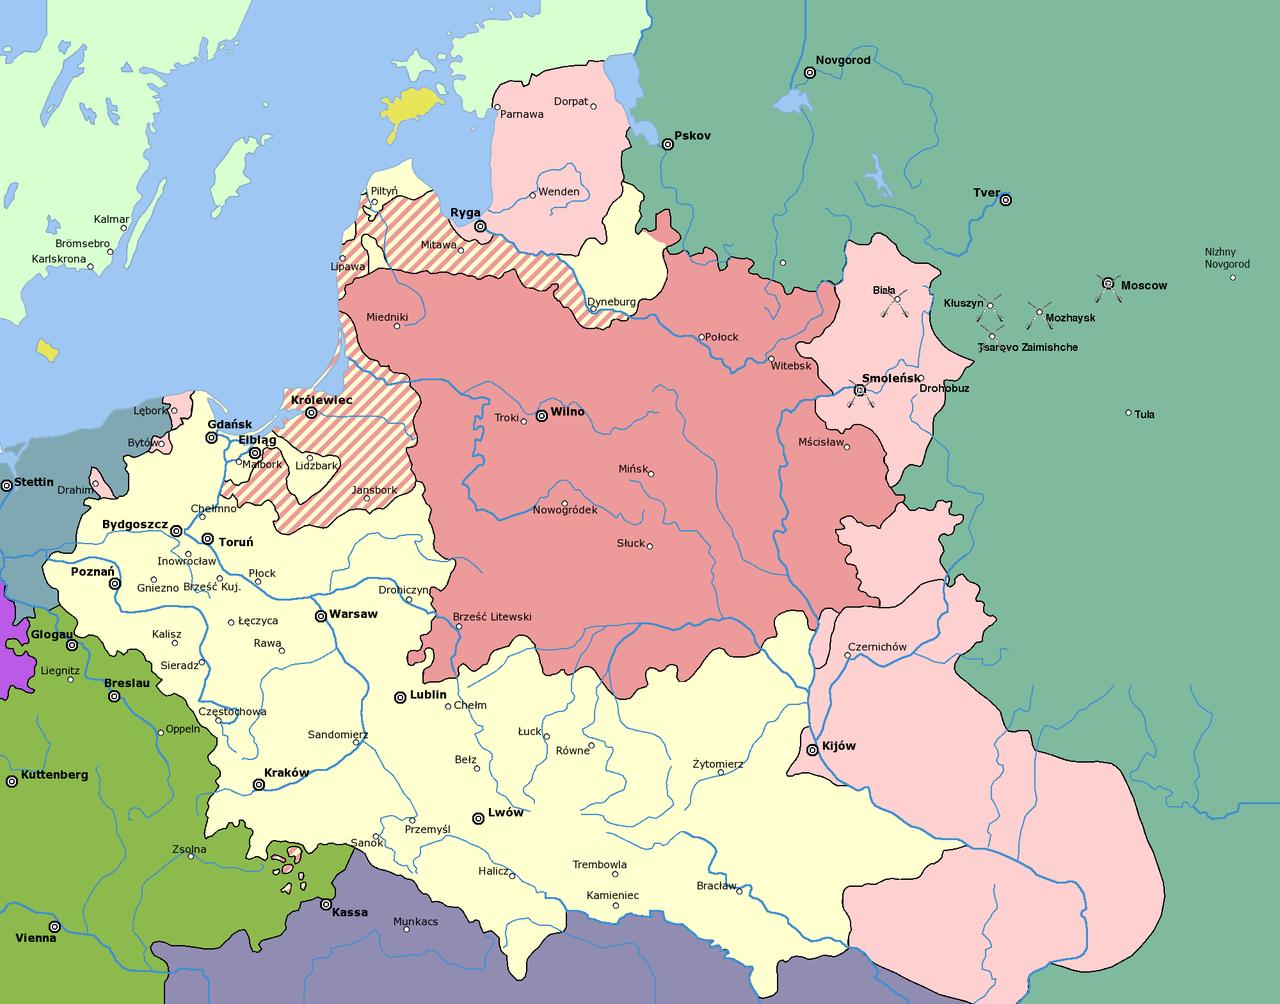 ポーランド亡国の悲劇はなぜ起こ...